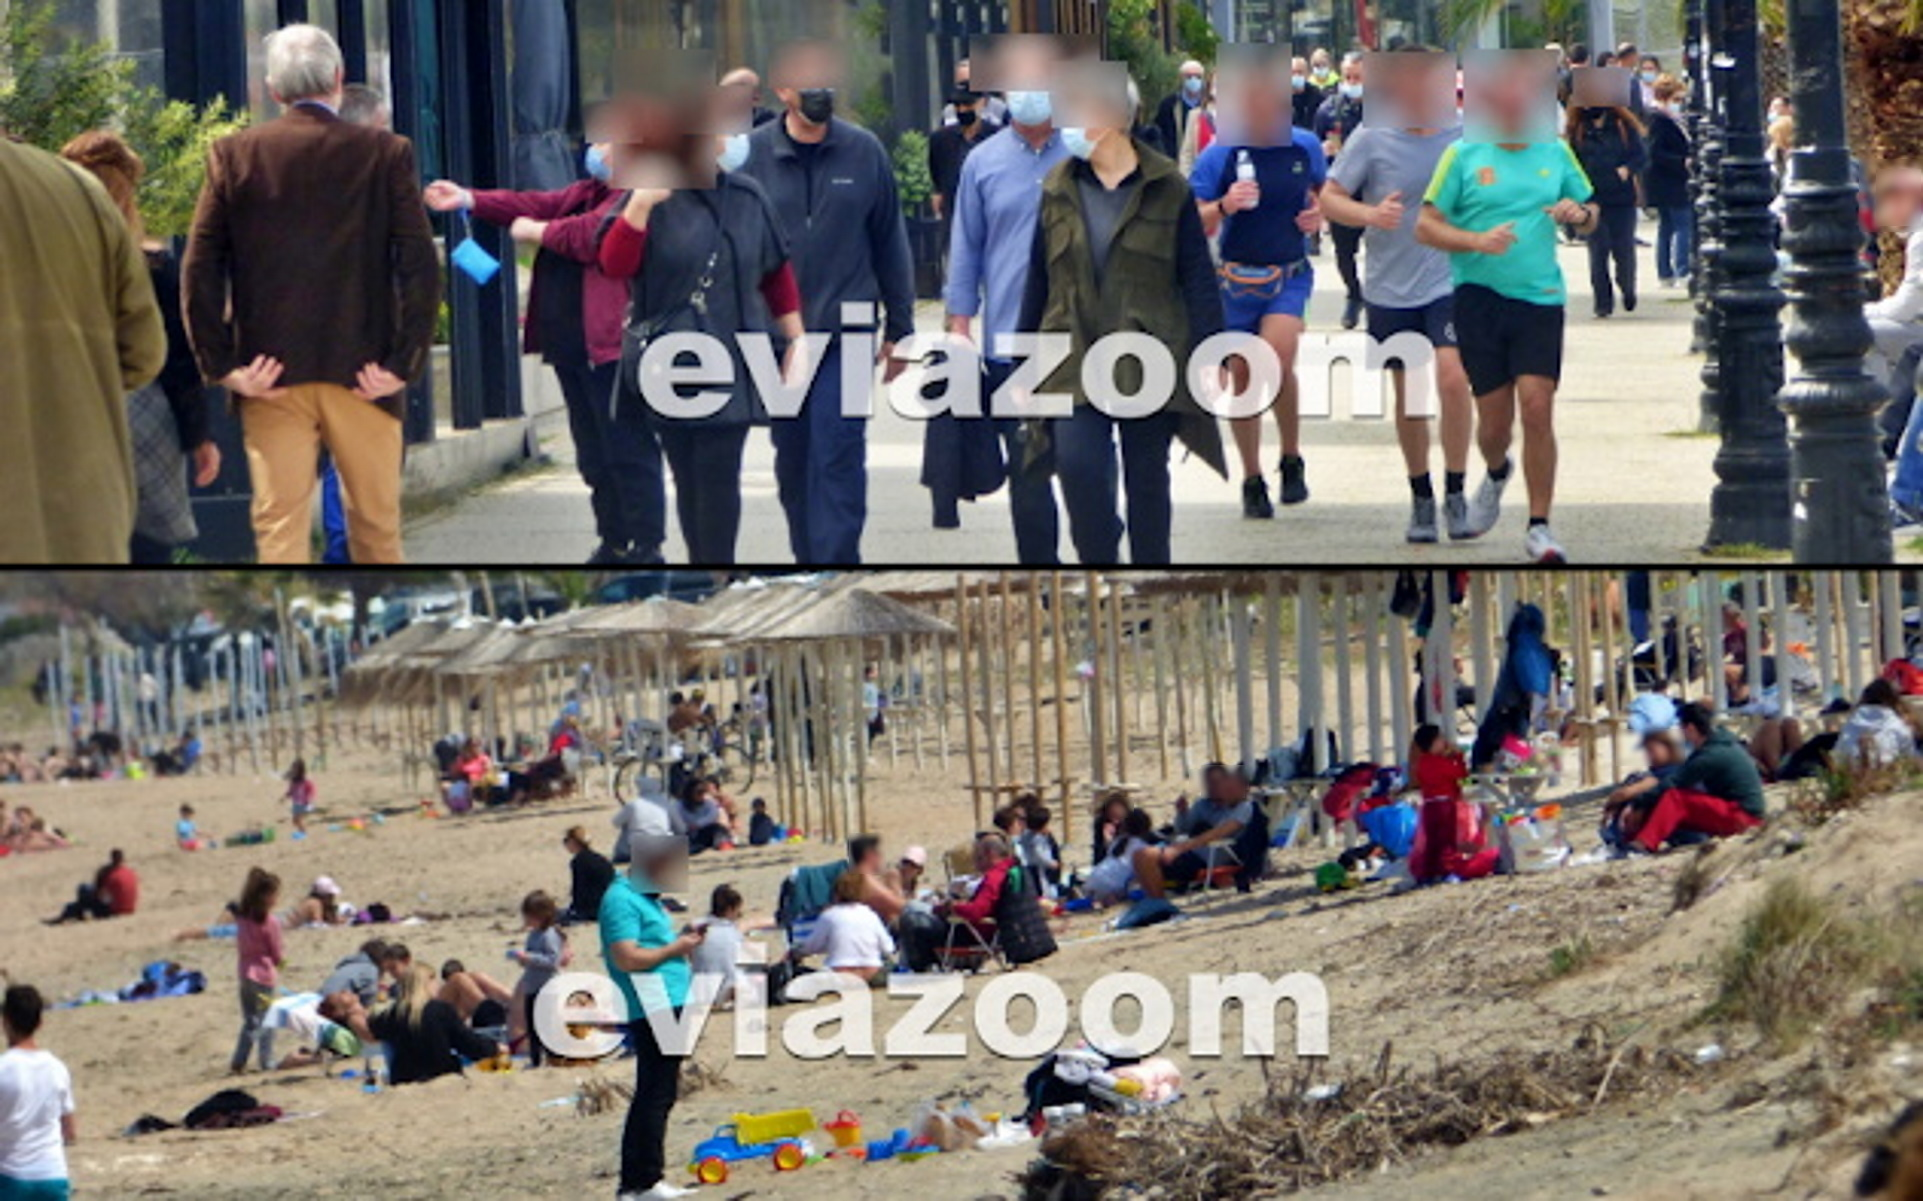 Εύβοια: Lockdown στα «χαρτιά» – Κοσμοπλημμύρα σε παραλία Χαλκίδας και Αλυκές Δροσιάς (pics, vid)